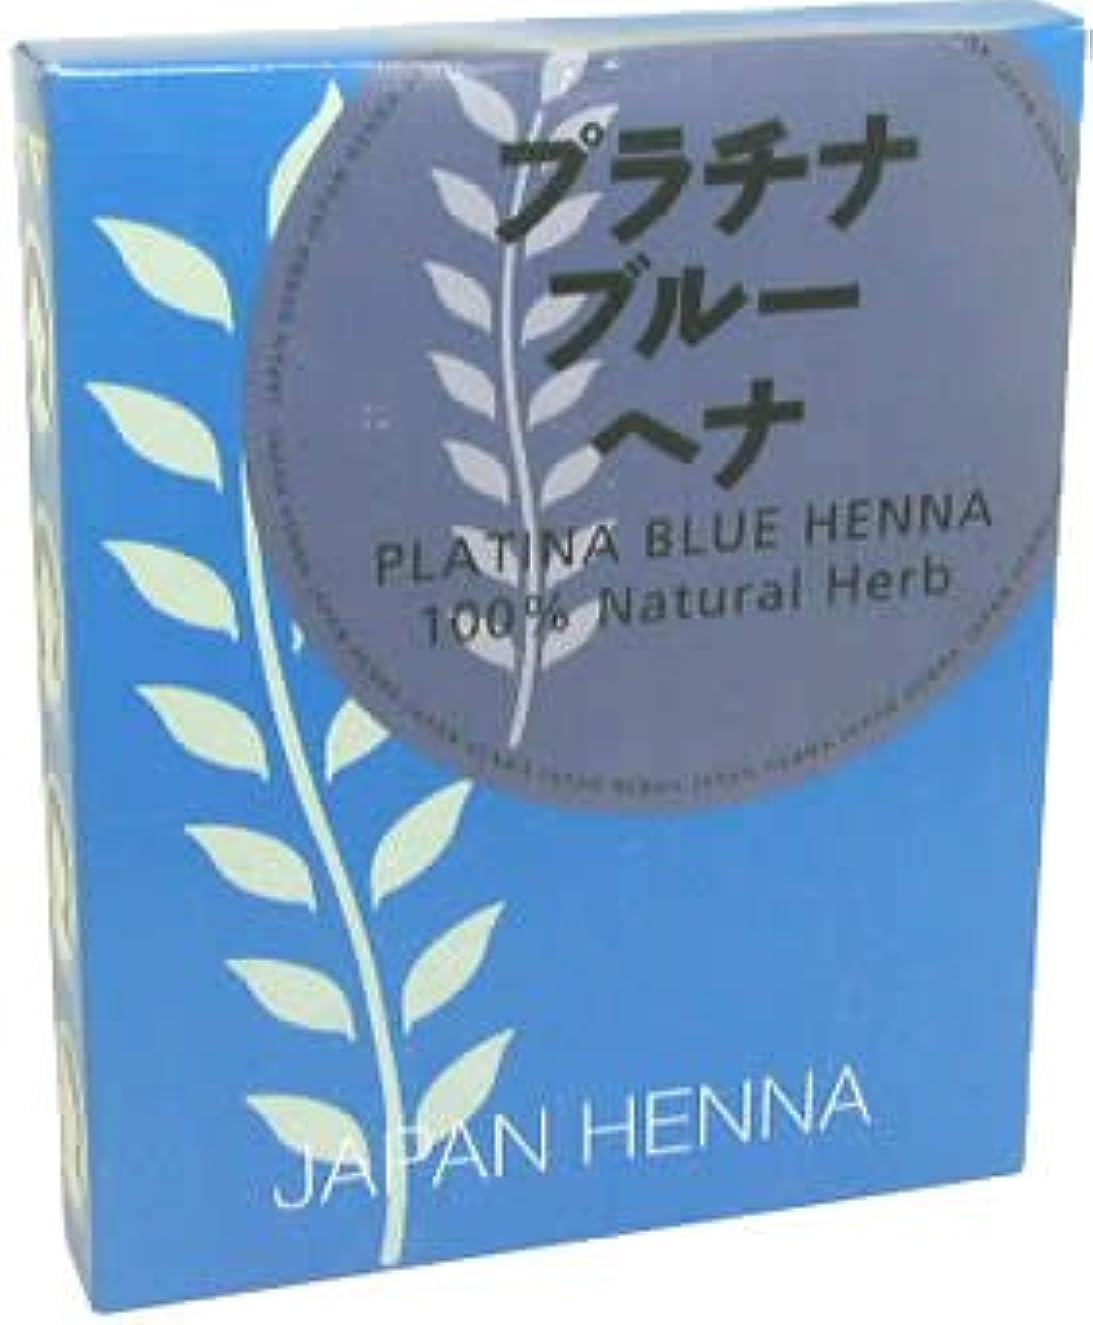 ジェット後継ひそかにジャパンヘナ 天然100% ヘナパウダー プラチナブルー 100g 手袋入り B-7 白髪染め